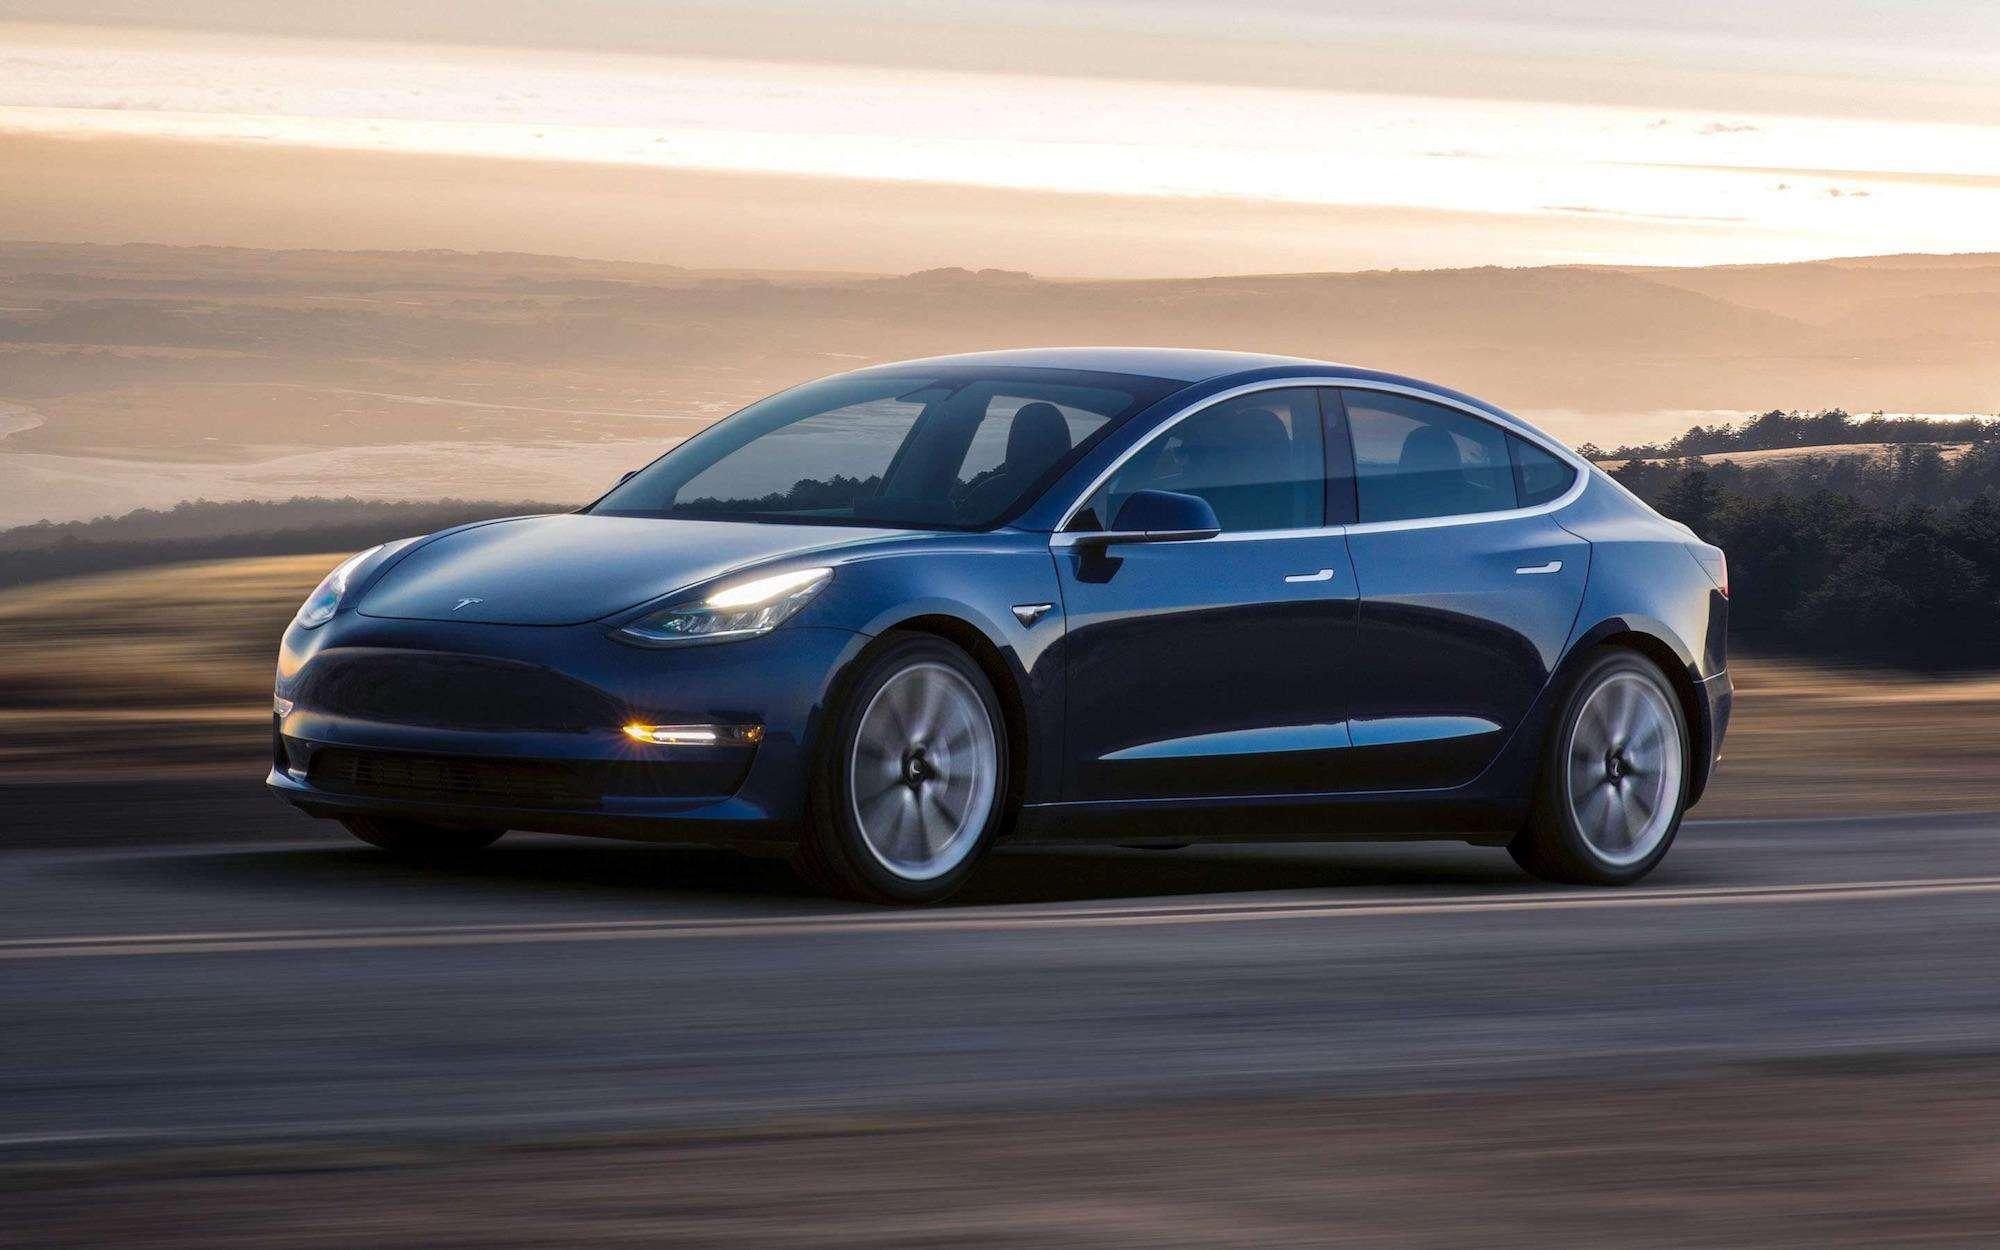 特斯拉Model 3成英国第三大最畅销车型 打破电动汽车纪录